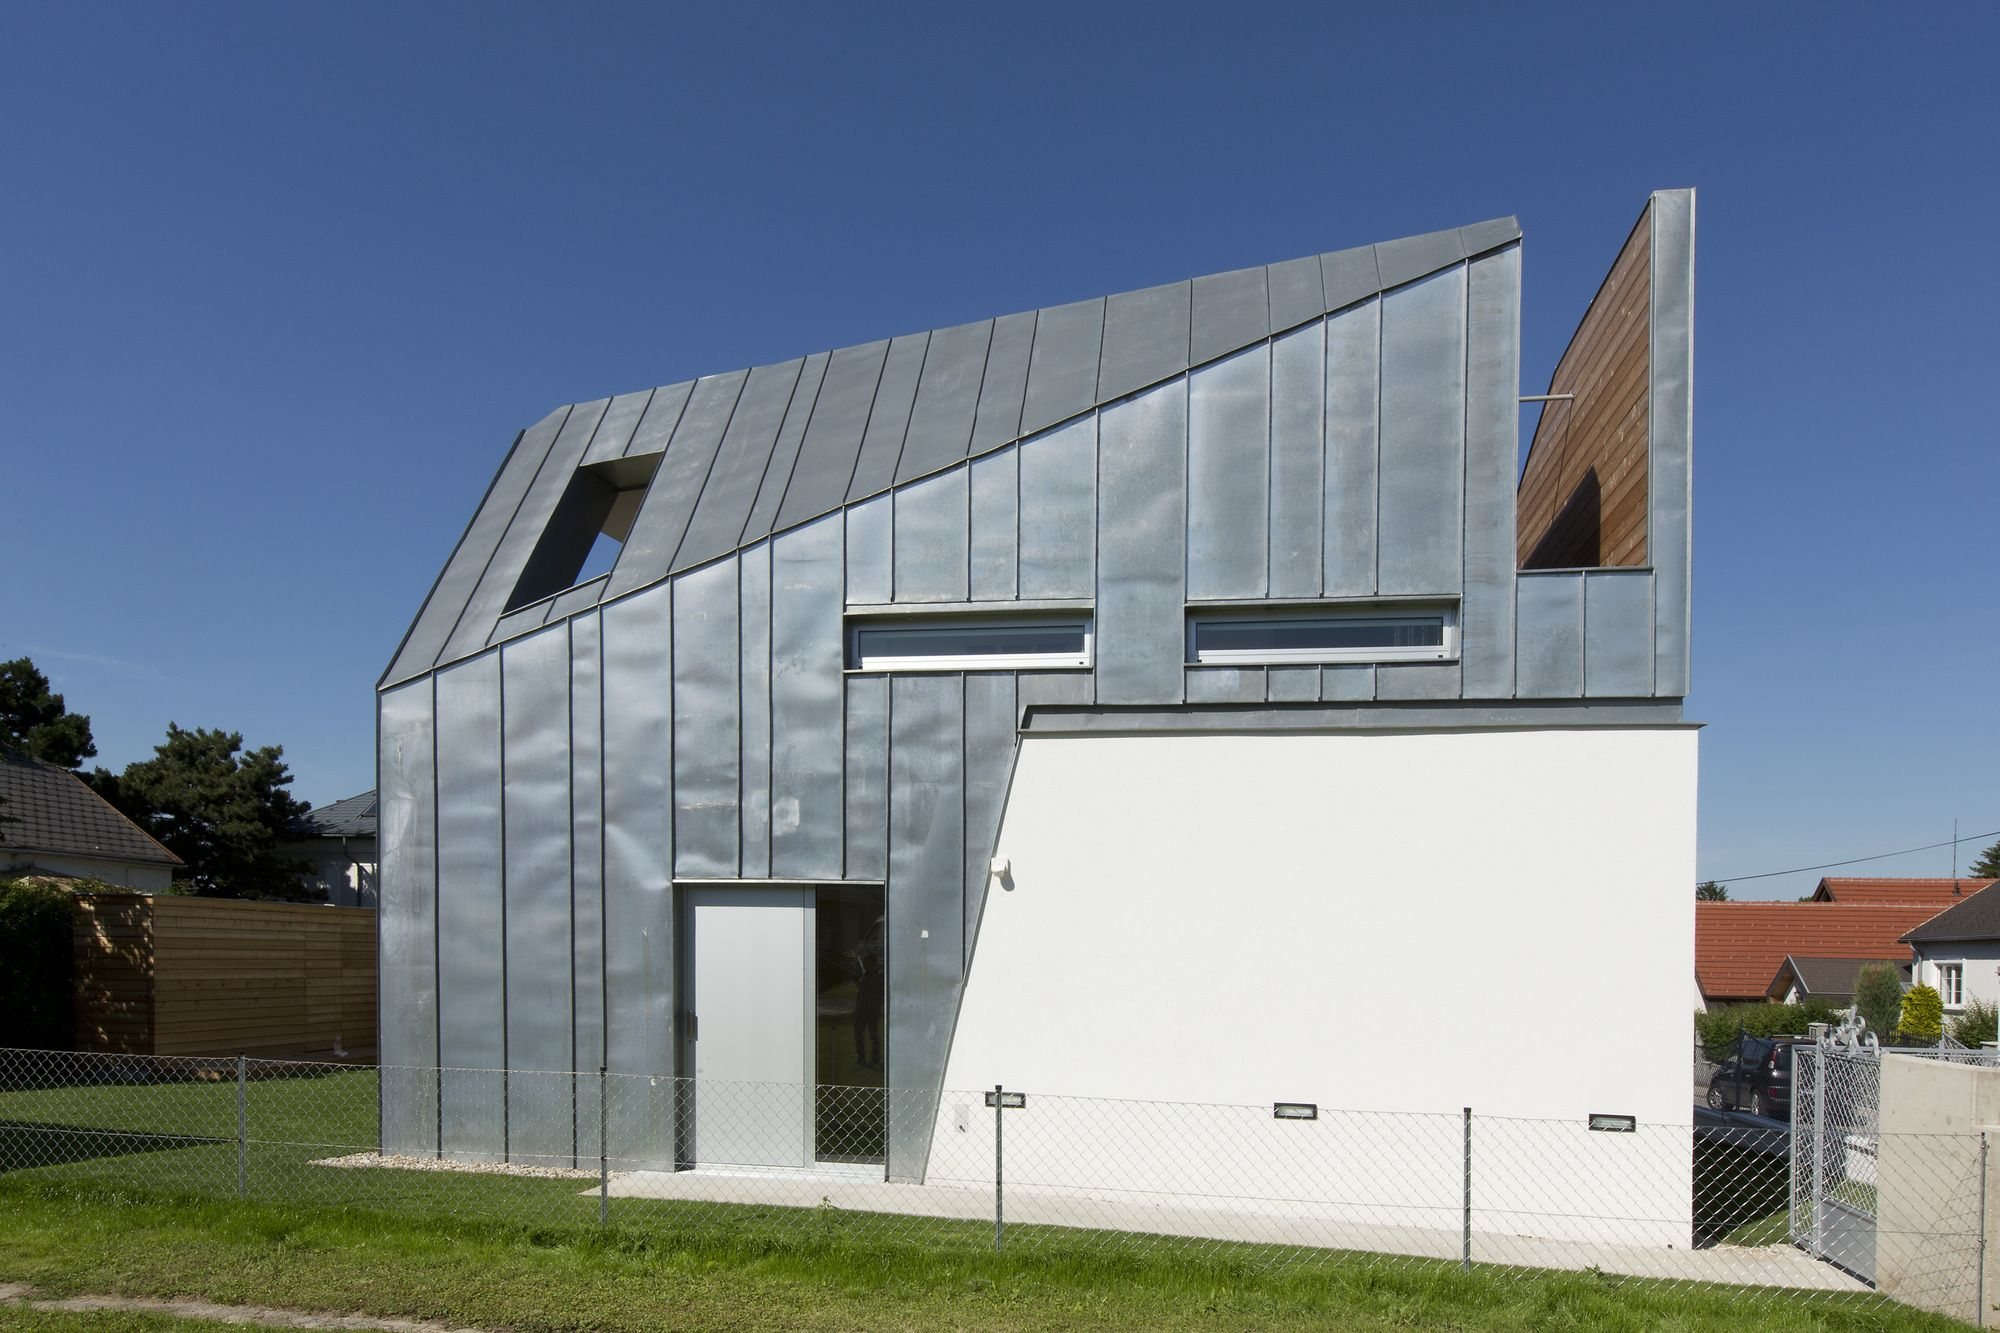 5204472fe8e44ebcd300022c_house-w-lostinarchitecture_portada.jpg (2000×1333)